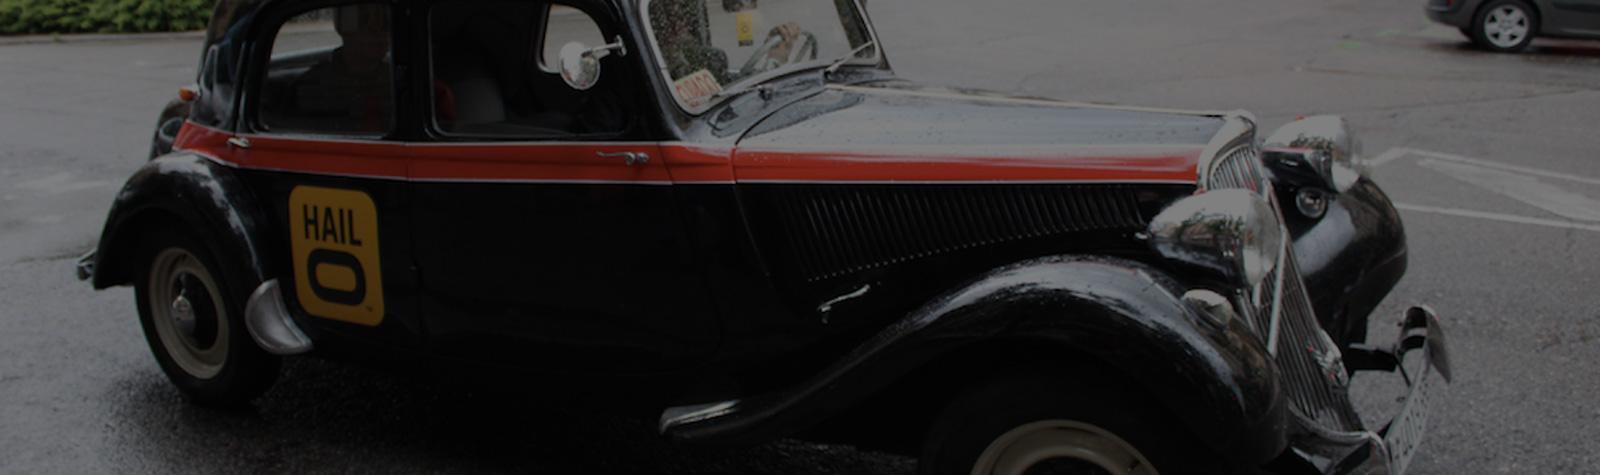 ¡El taxi del tiempo de Hailo!